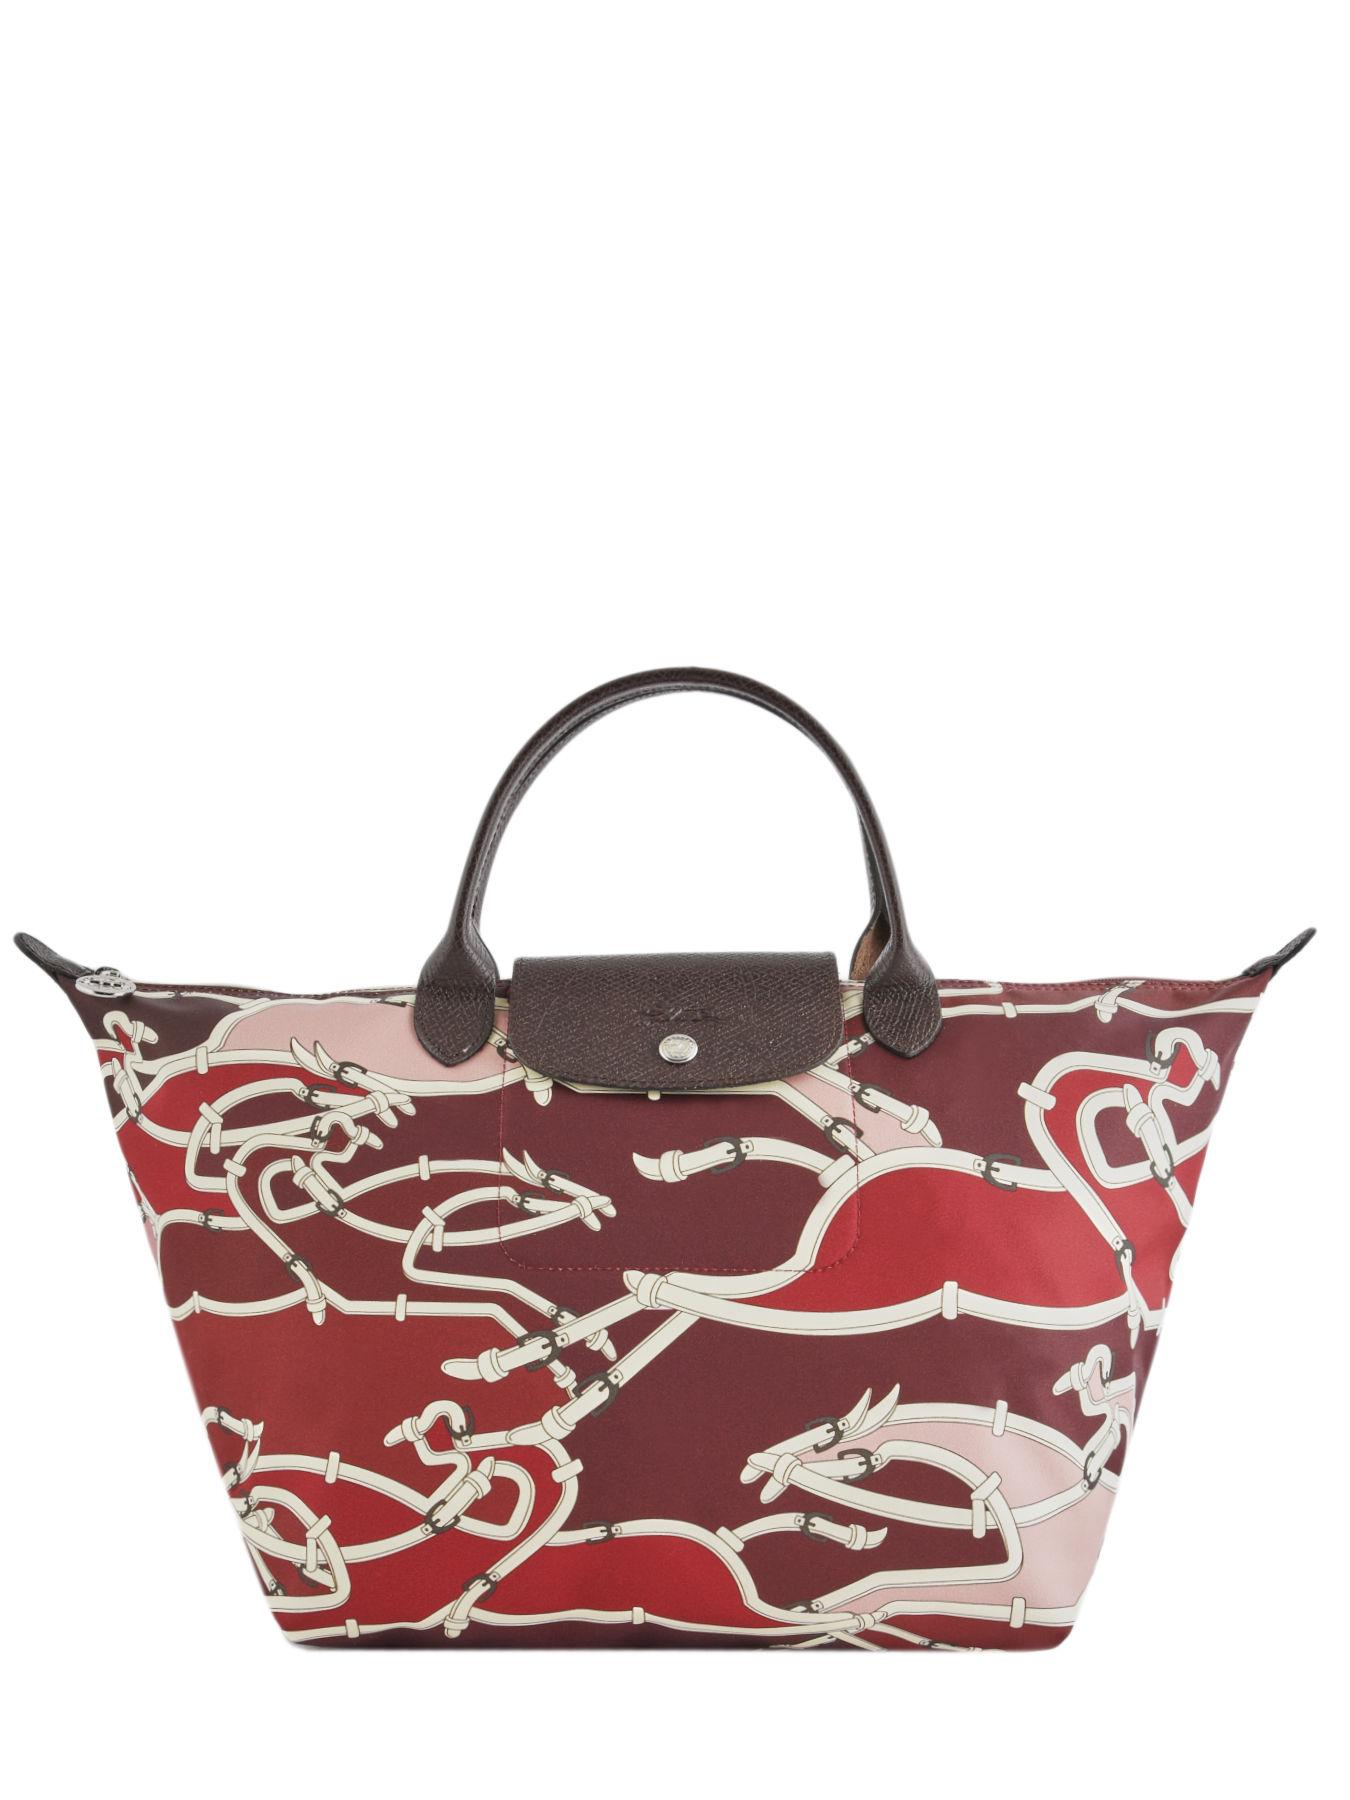 ... Longchamp Le pliage galop Handbag Red ... 9d83adbae7